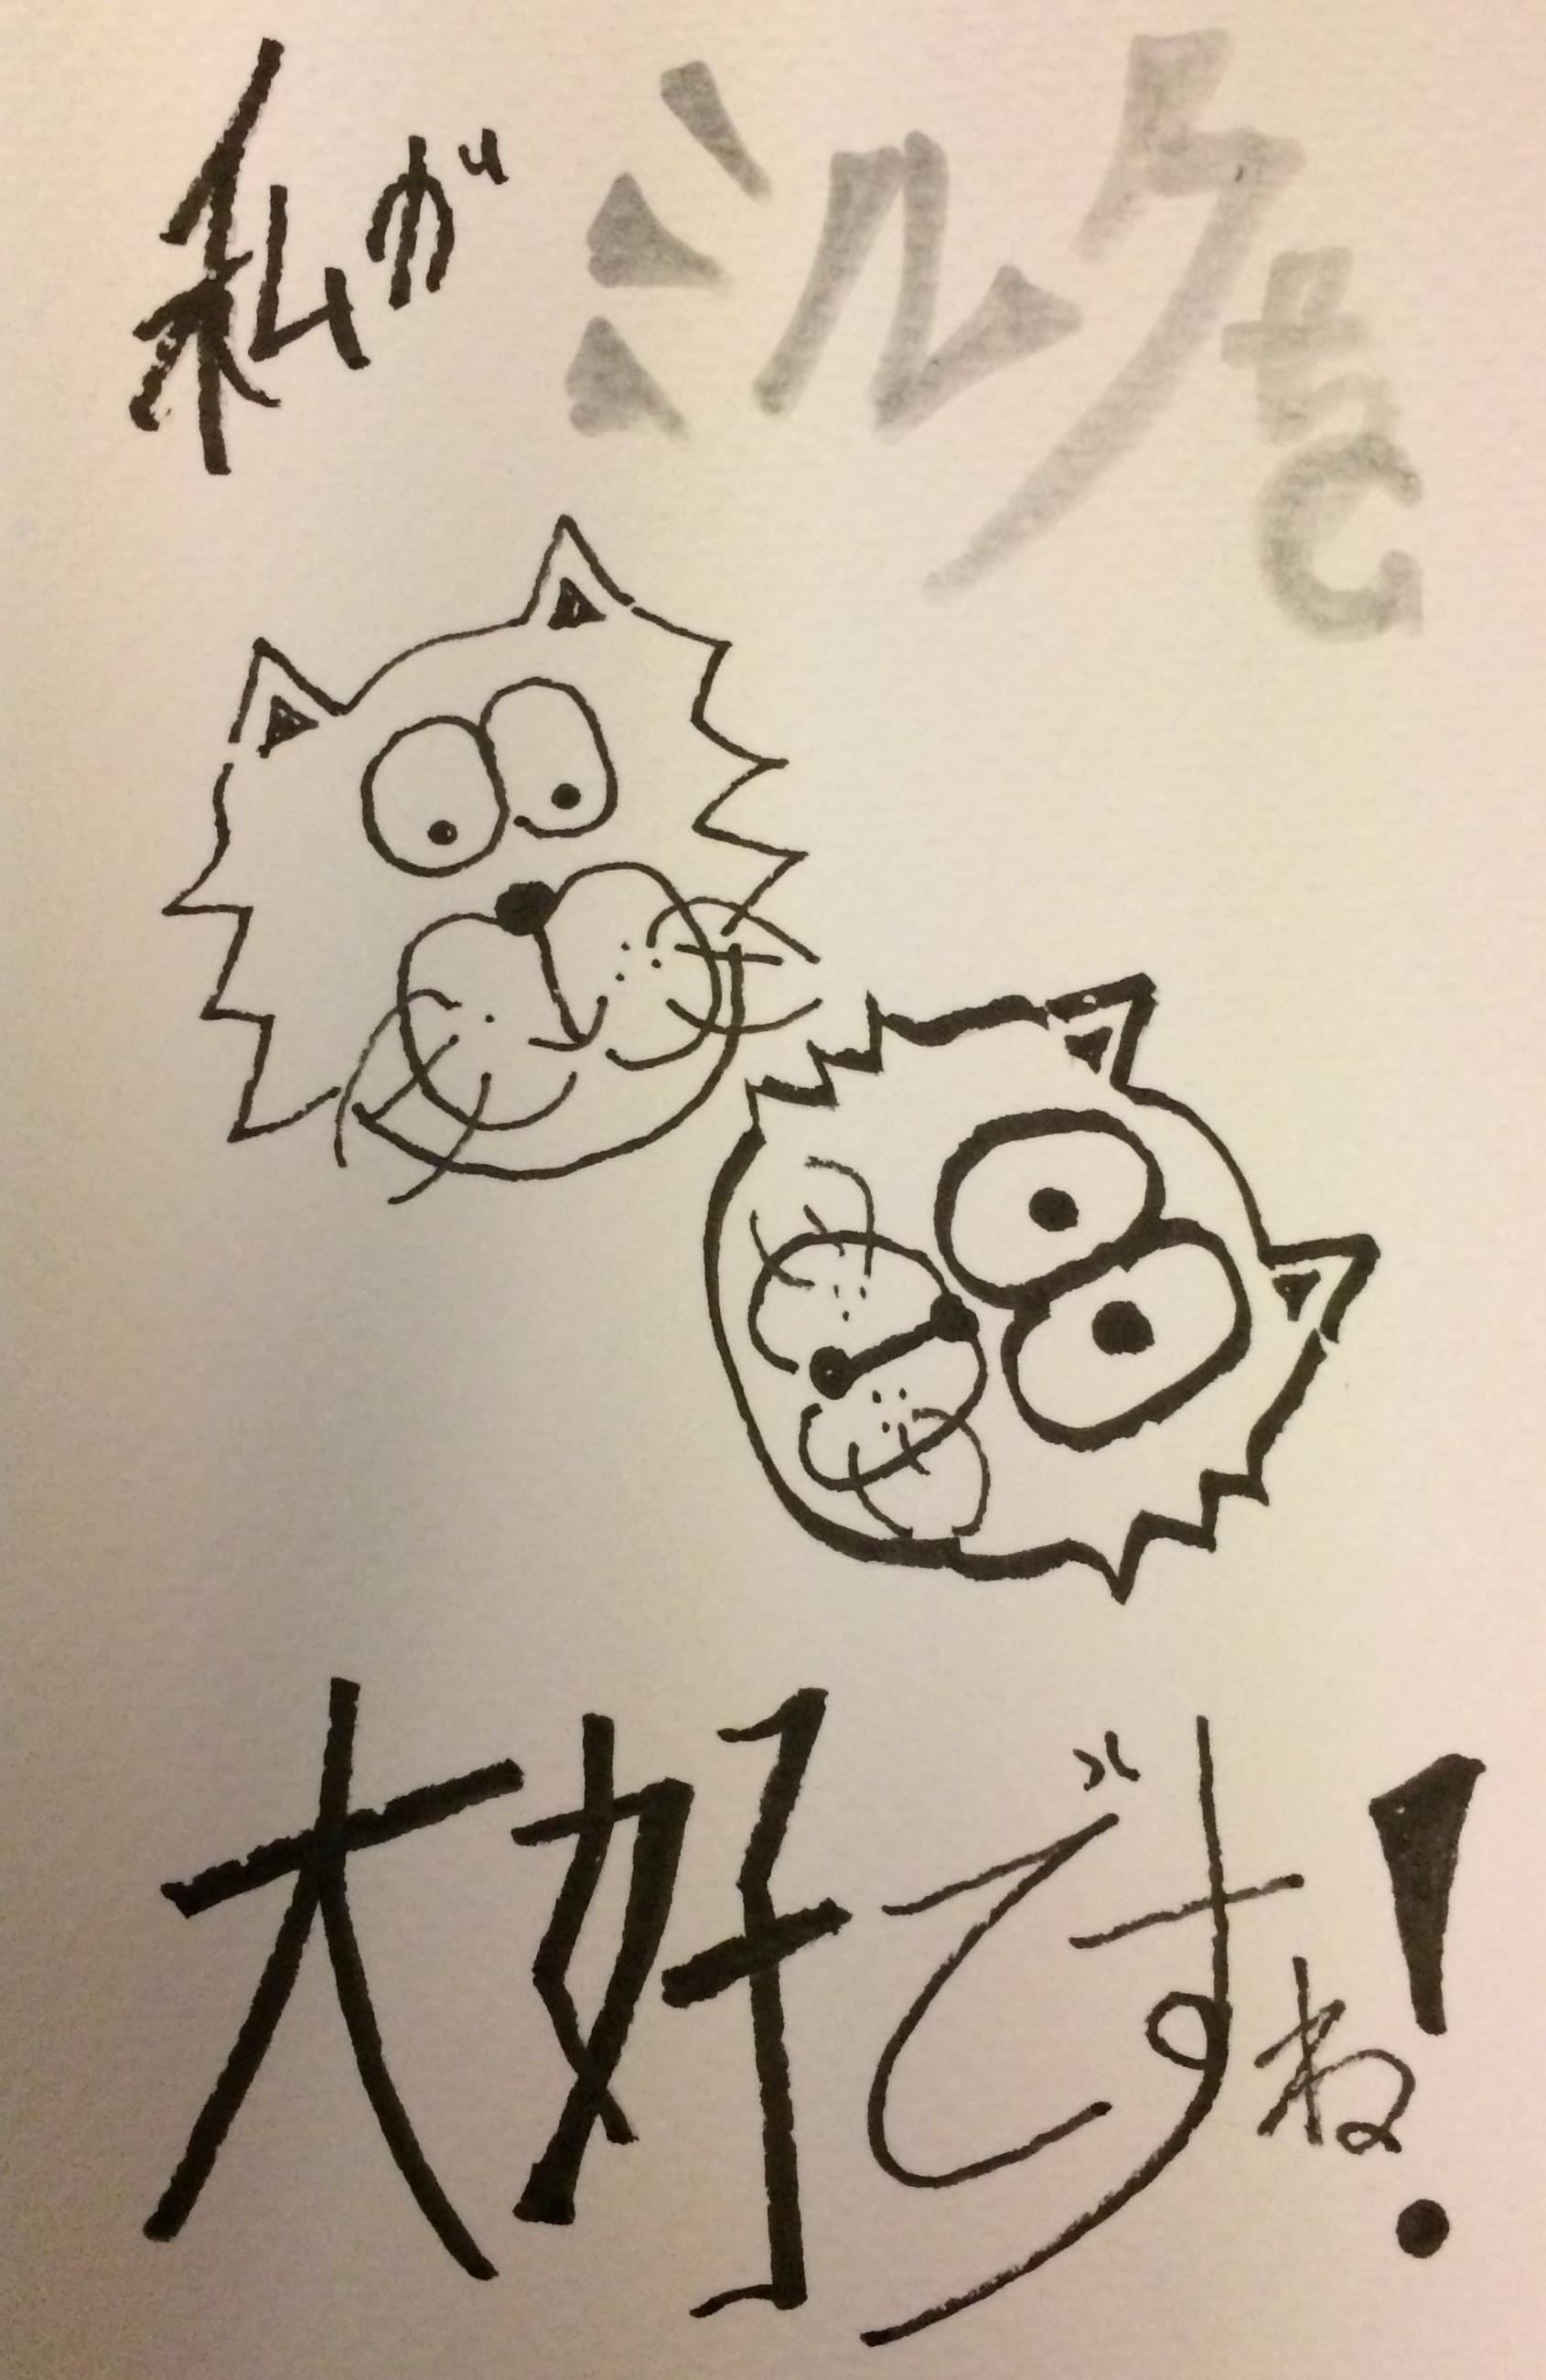 私はミルクが大好きで拗ね かわいい ドイツ語 仔猫 描く コミックス comics kitten kätzchen drawing ink